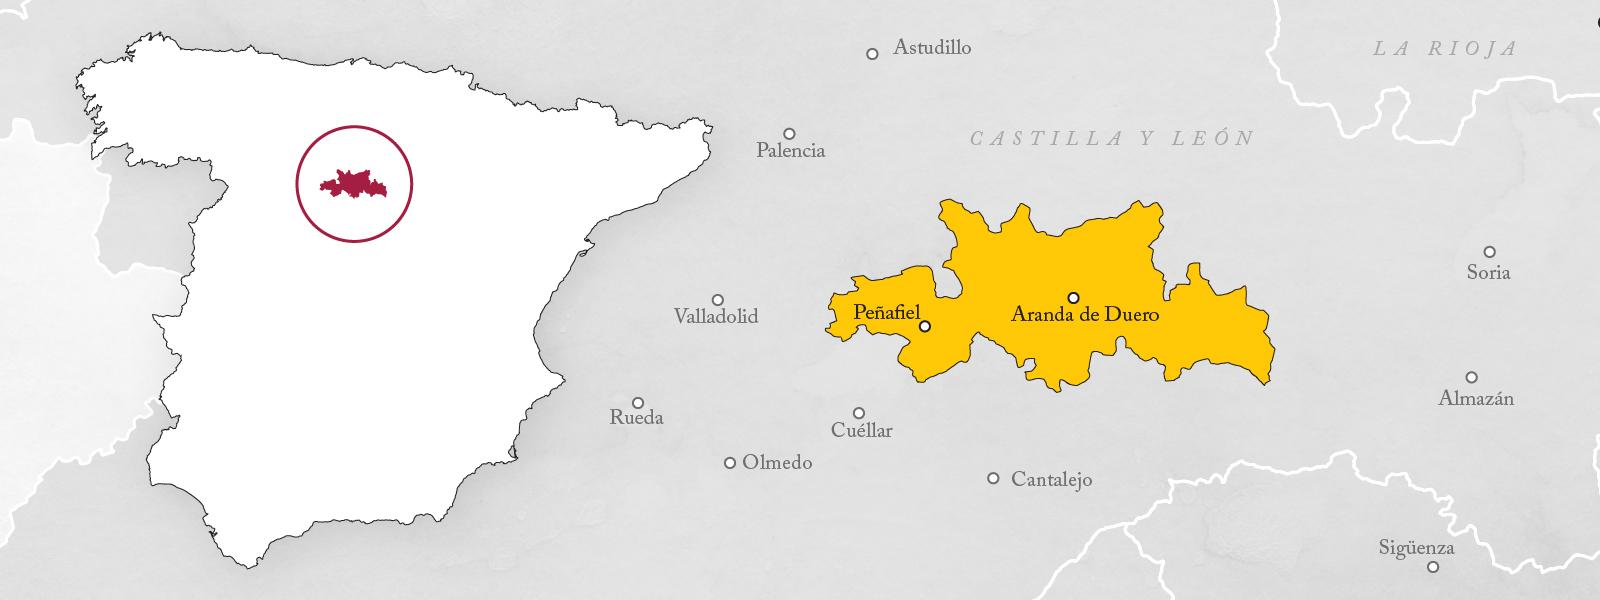 DO Ribera del Duero